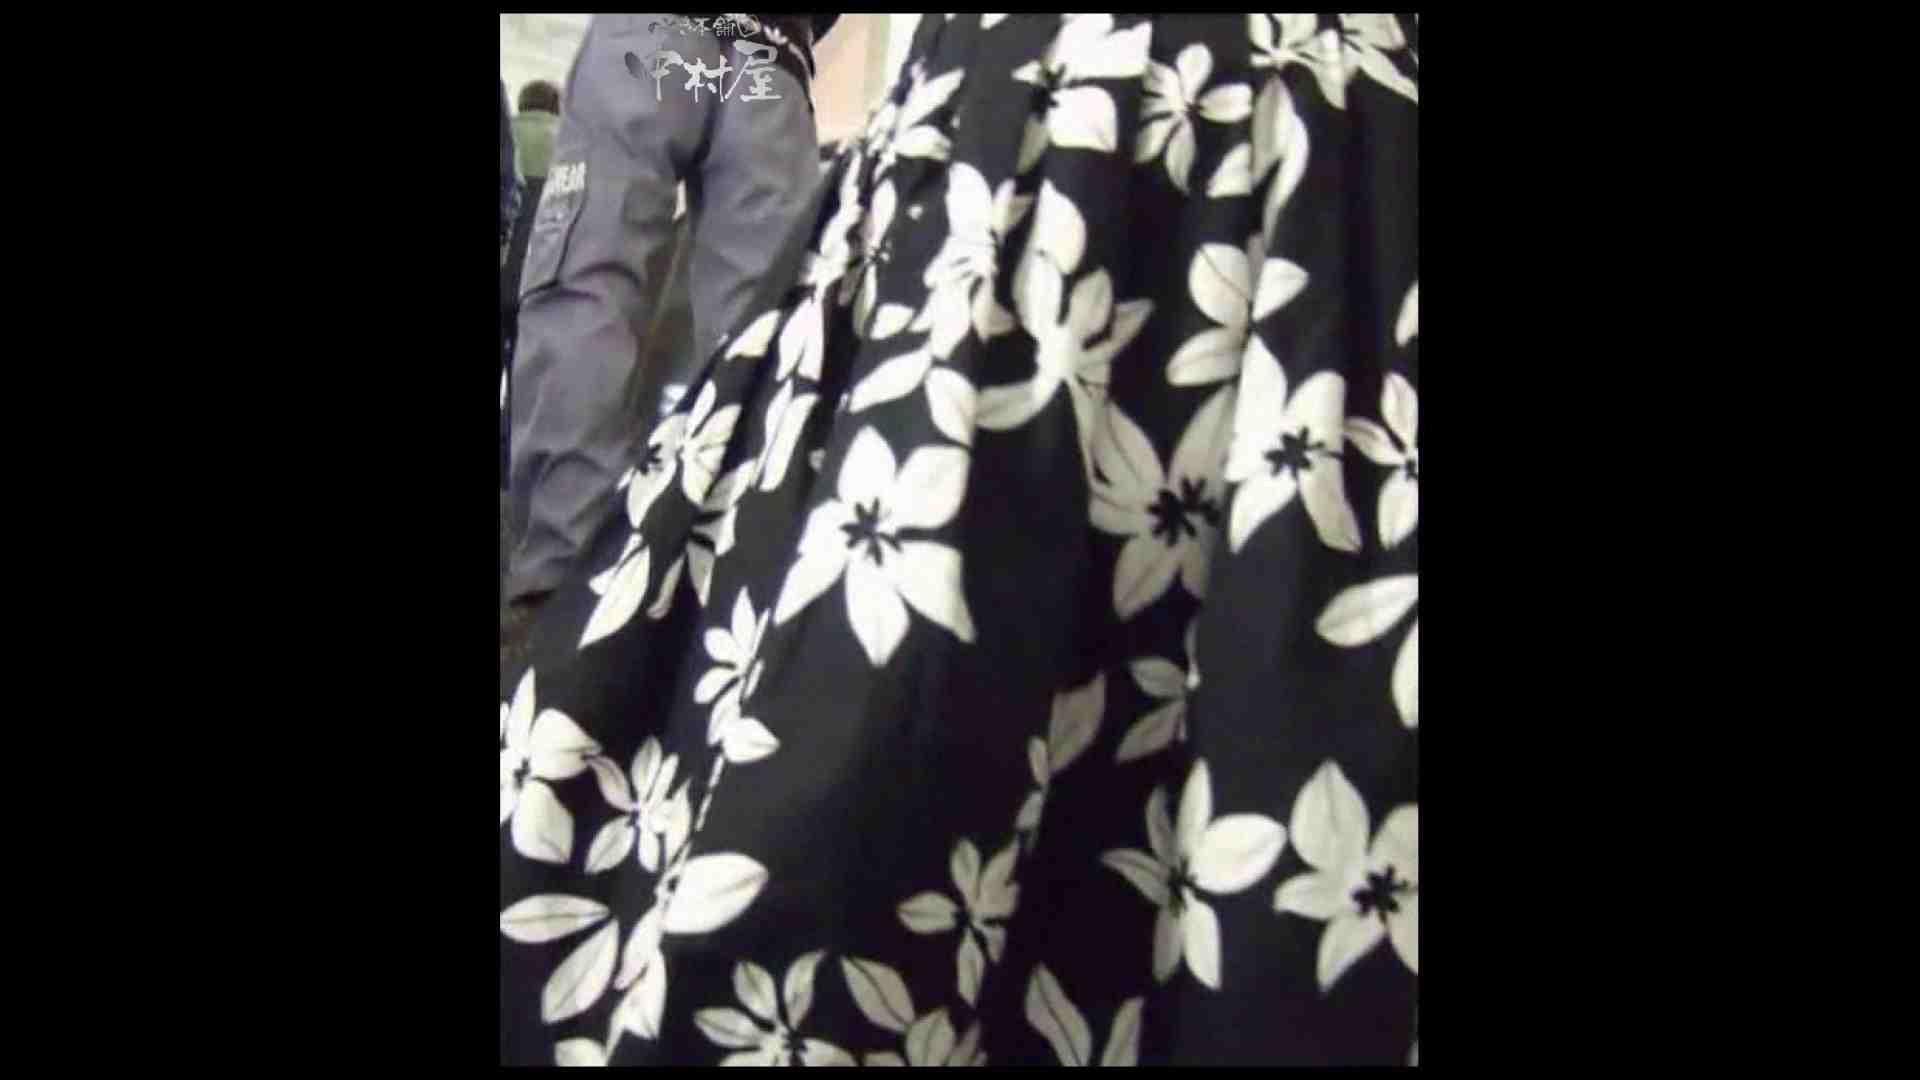 綺麗なモデルさんのスカート捲っちゃおう‼ vol29 OLのエロ生活 | モデルのエロ生活  83連発 82